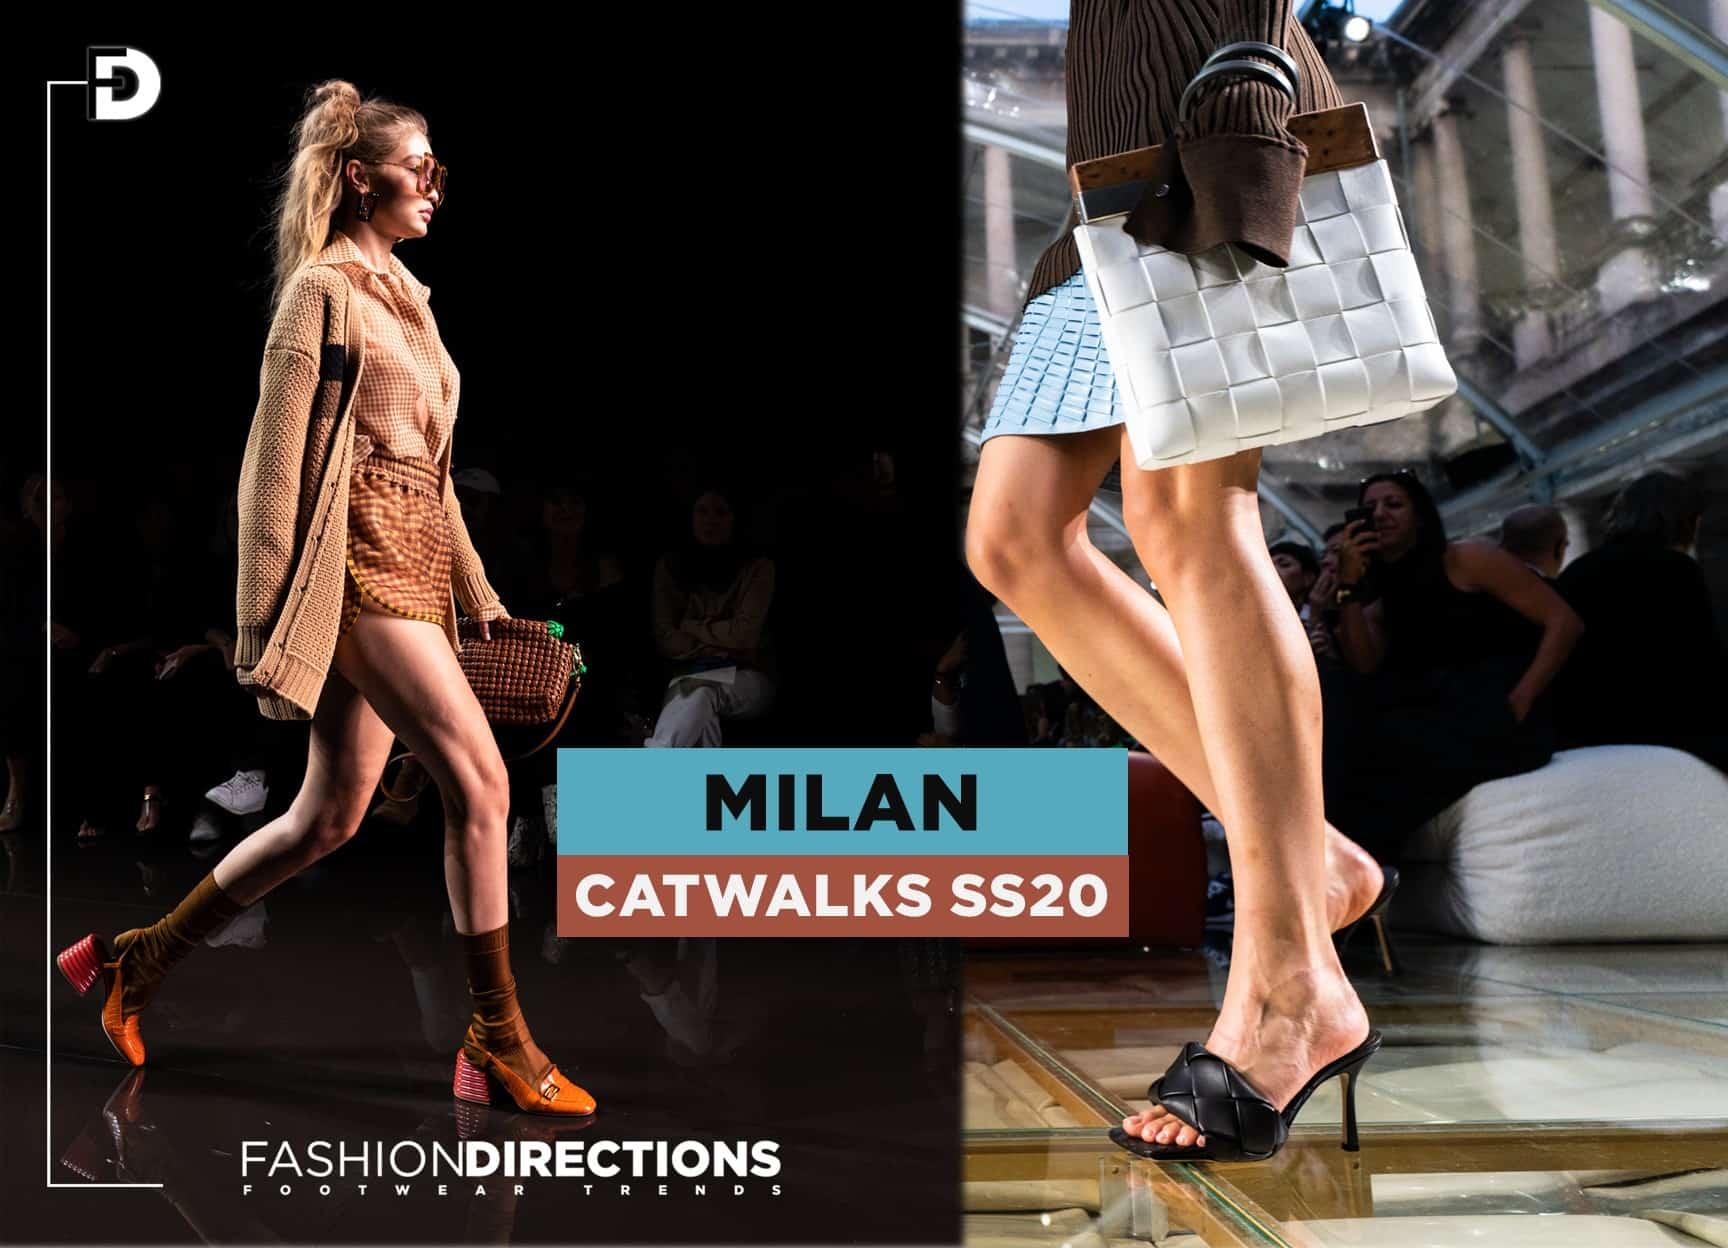 Milan SS20 Catwalks 1